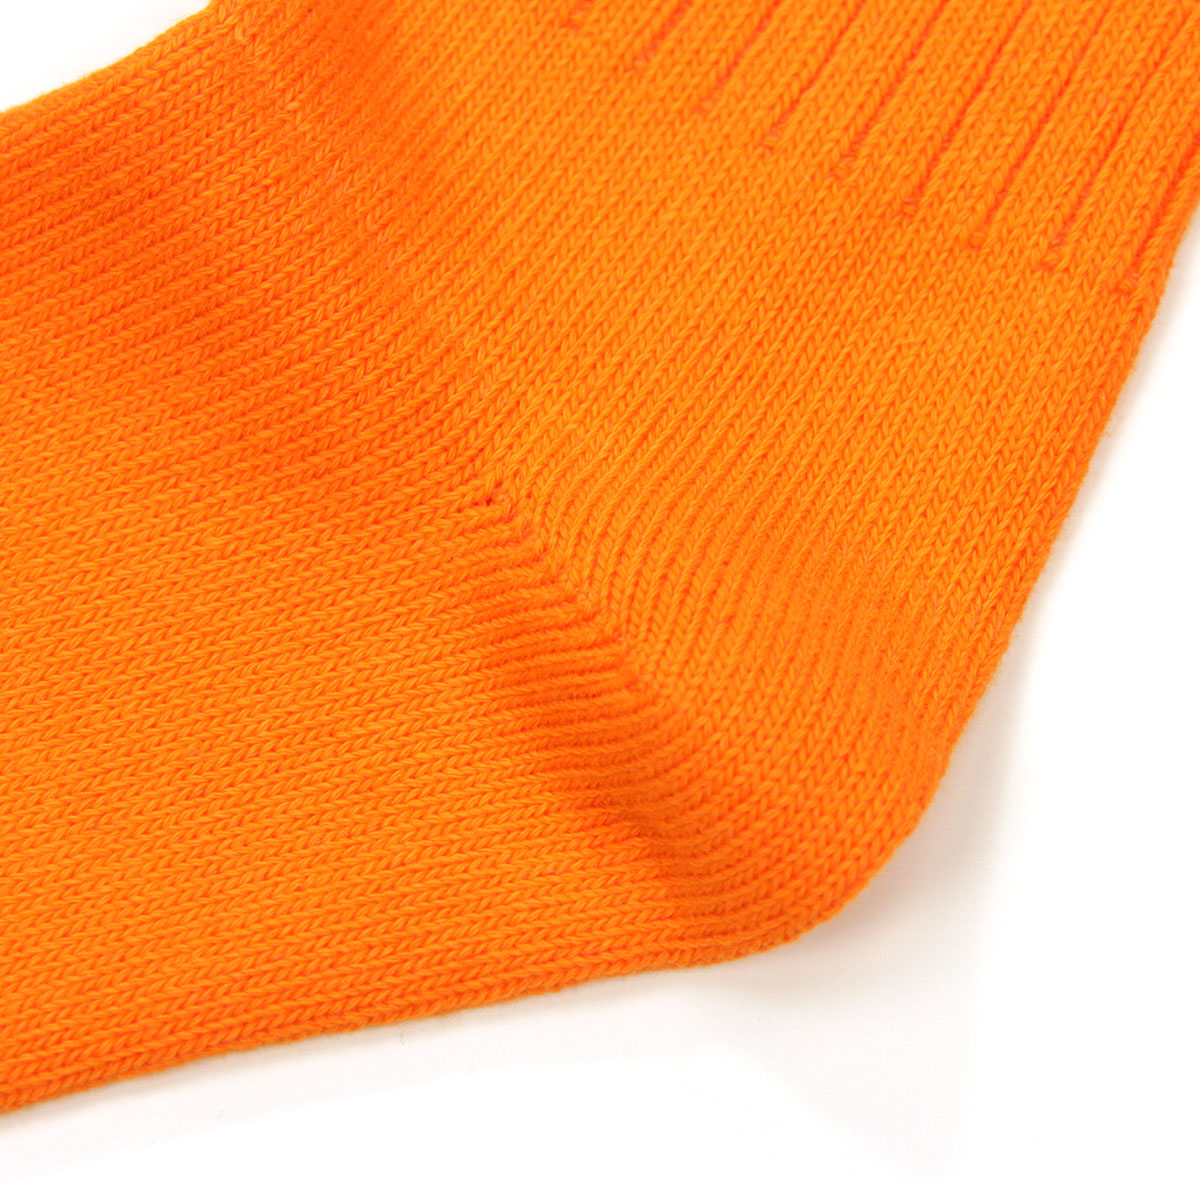 ポロ ラルフローレン ソックス メンズ 正規品 POLO RALPH LAUREN 靴下 クルーソックス COTTON RIB SINGLE SOCK ORANGE - GREEN 807 - ORANGE A05B B1C C7D D1E E10F